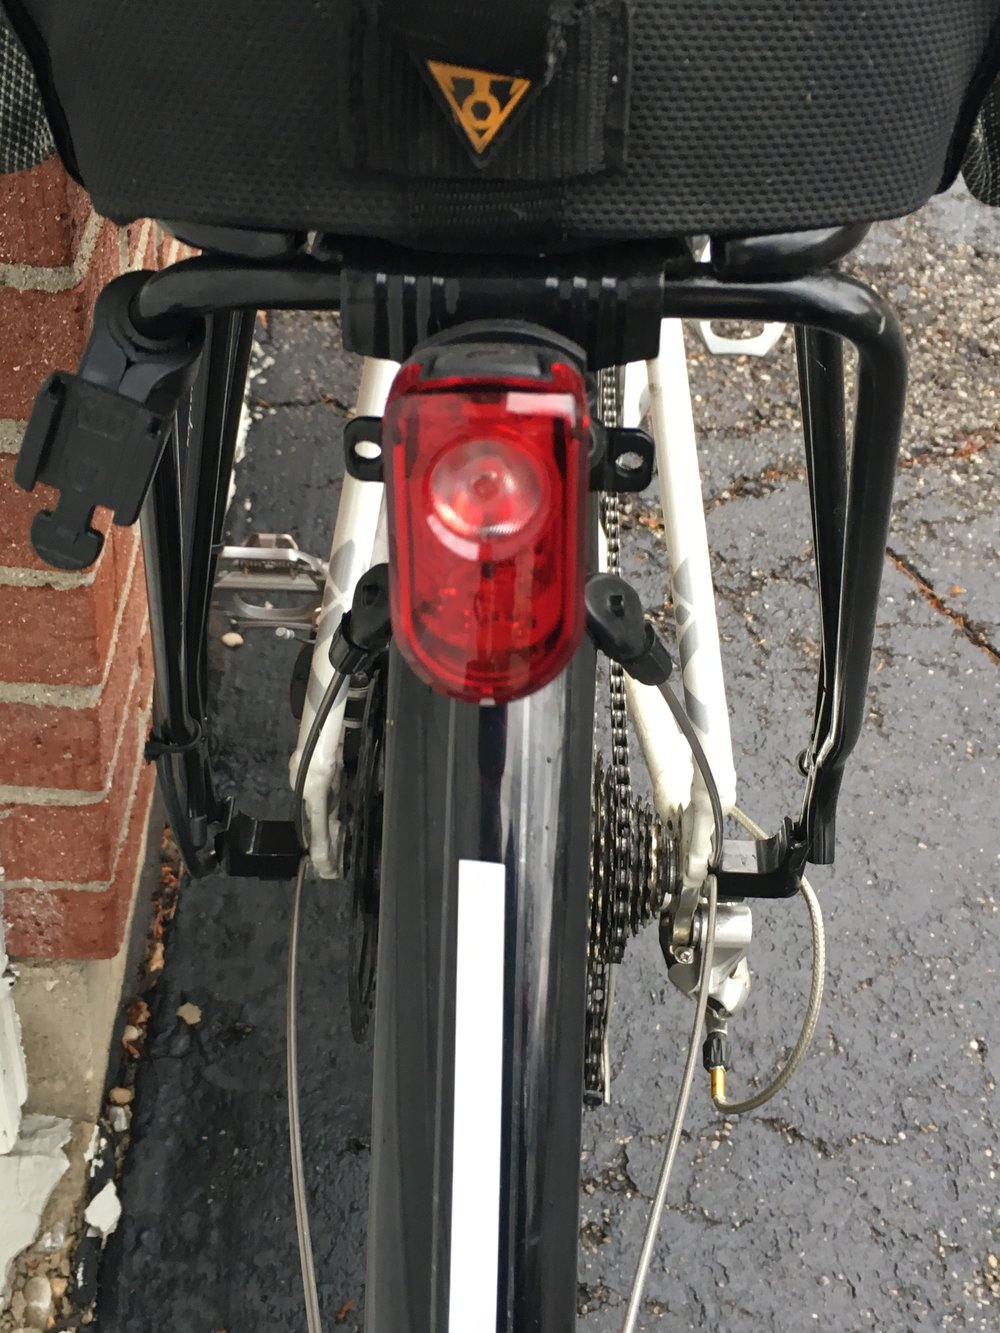 trailandbike.com